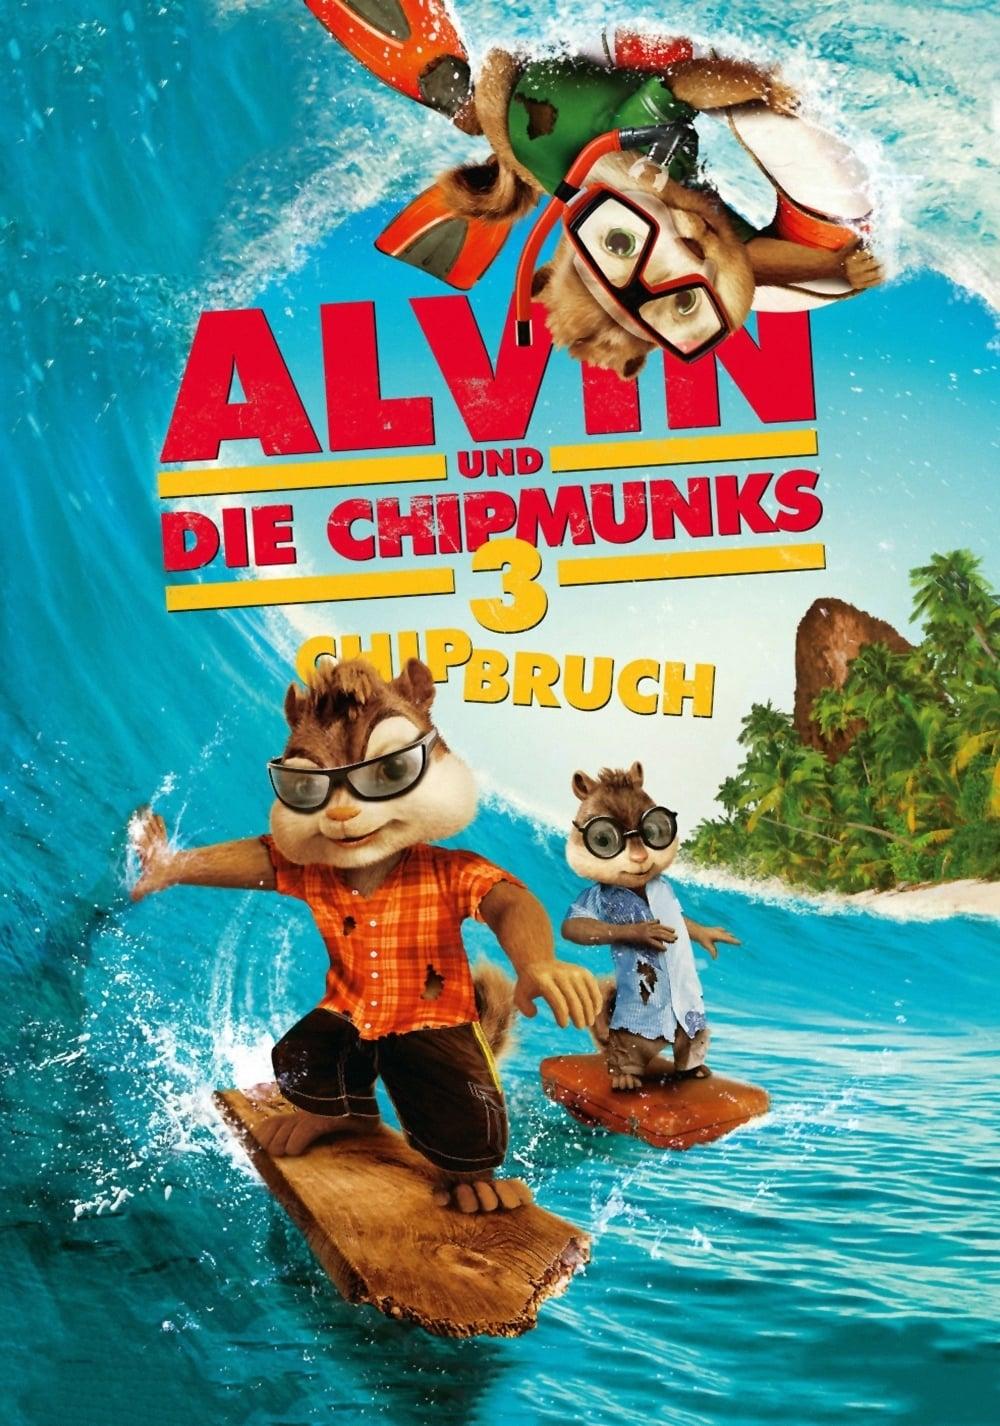 Alvin Und Die Chipmunks 3 Ganzer Film Deutsch Kostenlos Anschauen